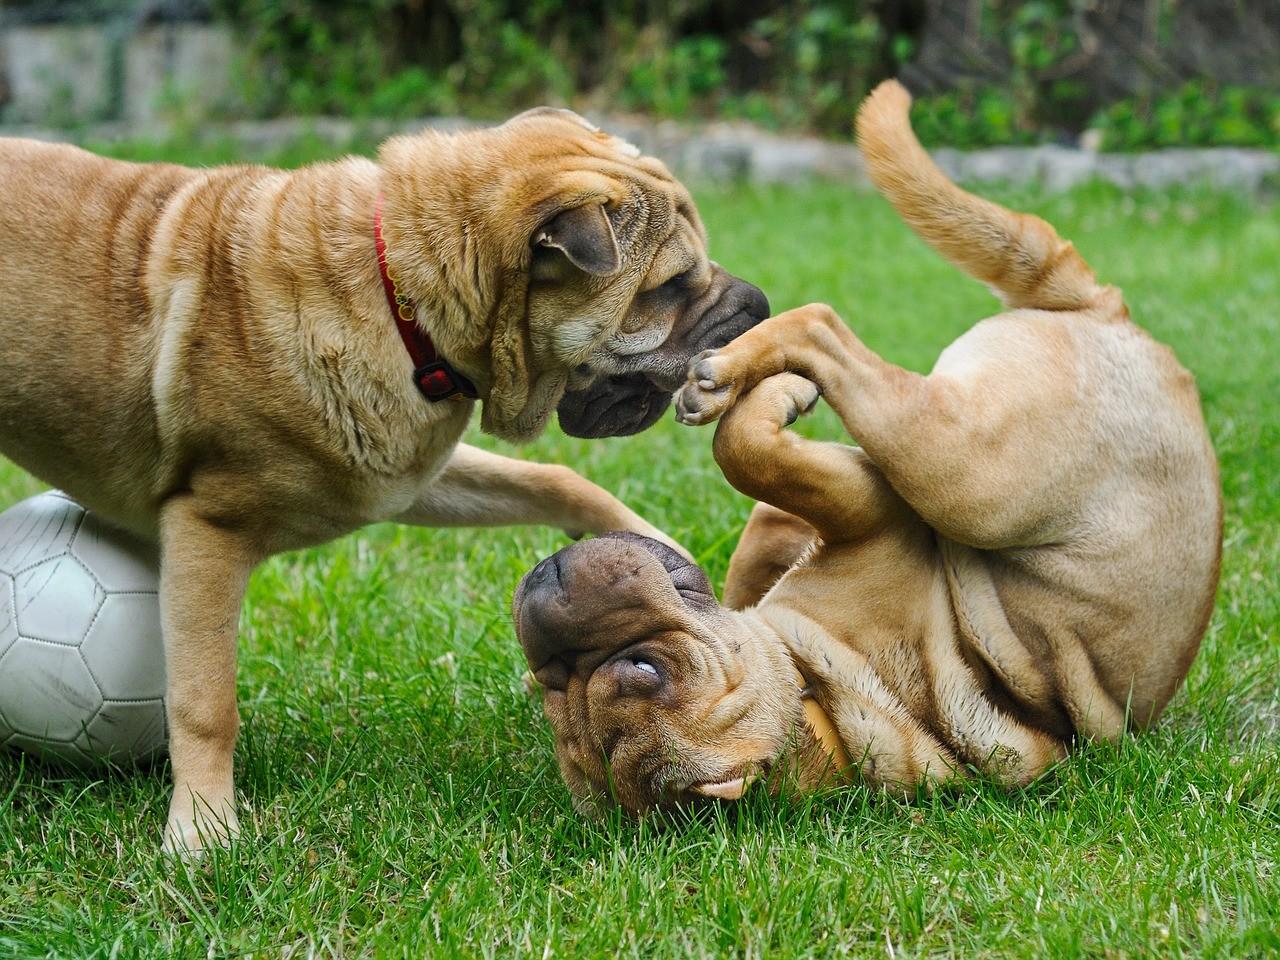 Urlaubsbetreuung für Hunde